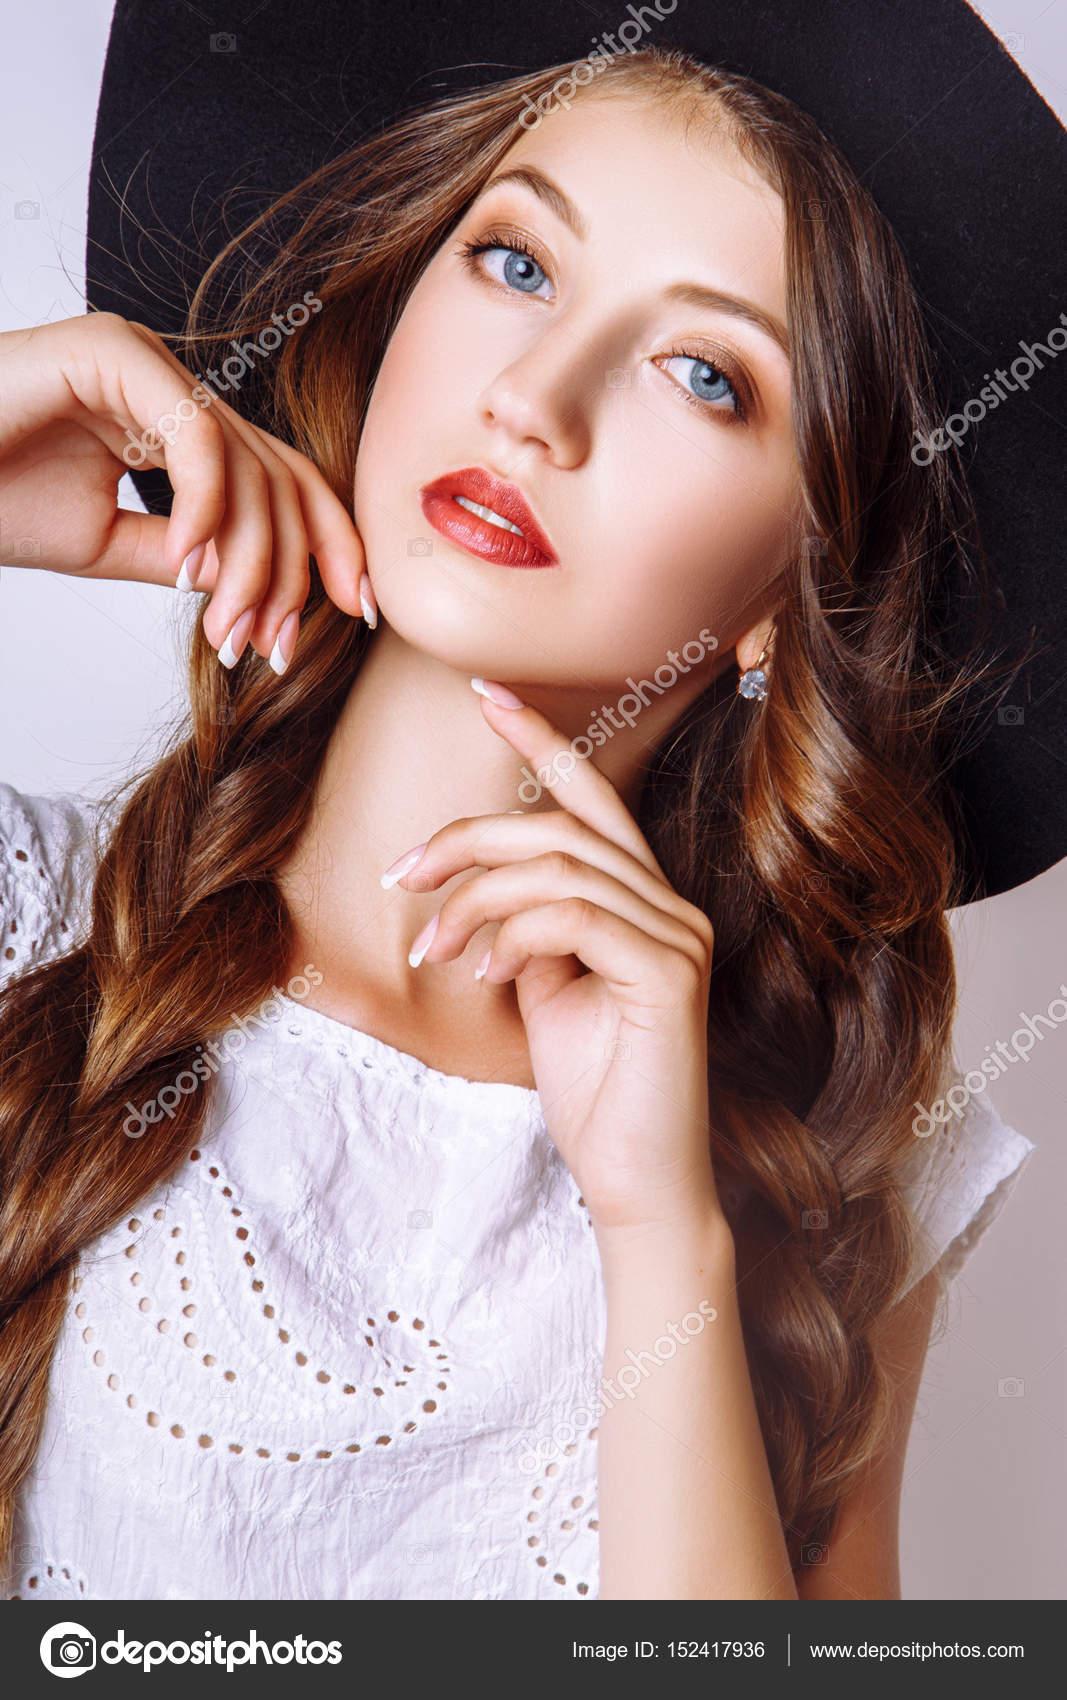 Modefoto jungen Frau auf weißem Hintergrund. Gekleidet in weißen Kleid und  schwarzen Hut. Mädchen posiert. Studio Foto. 7081561b96